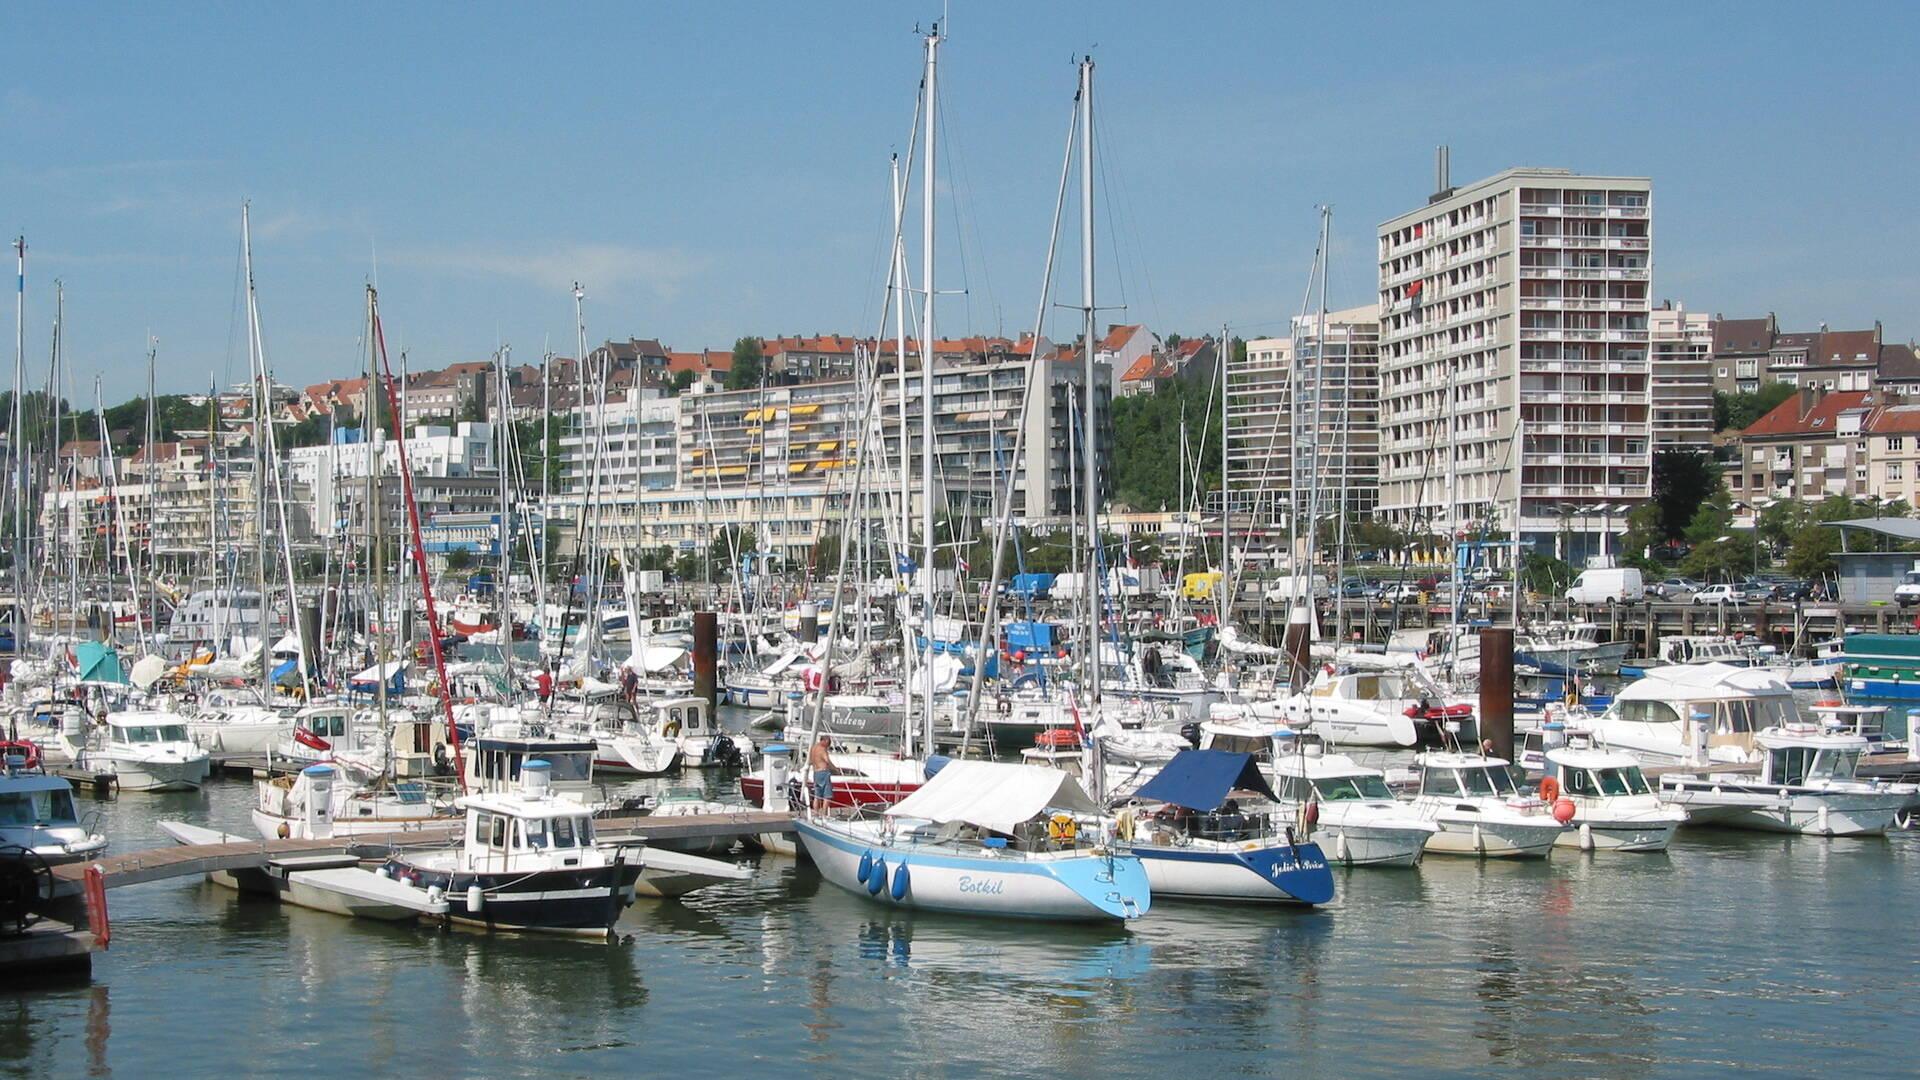 bassin avant port marina de Boulogne